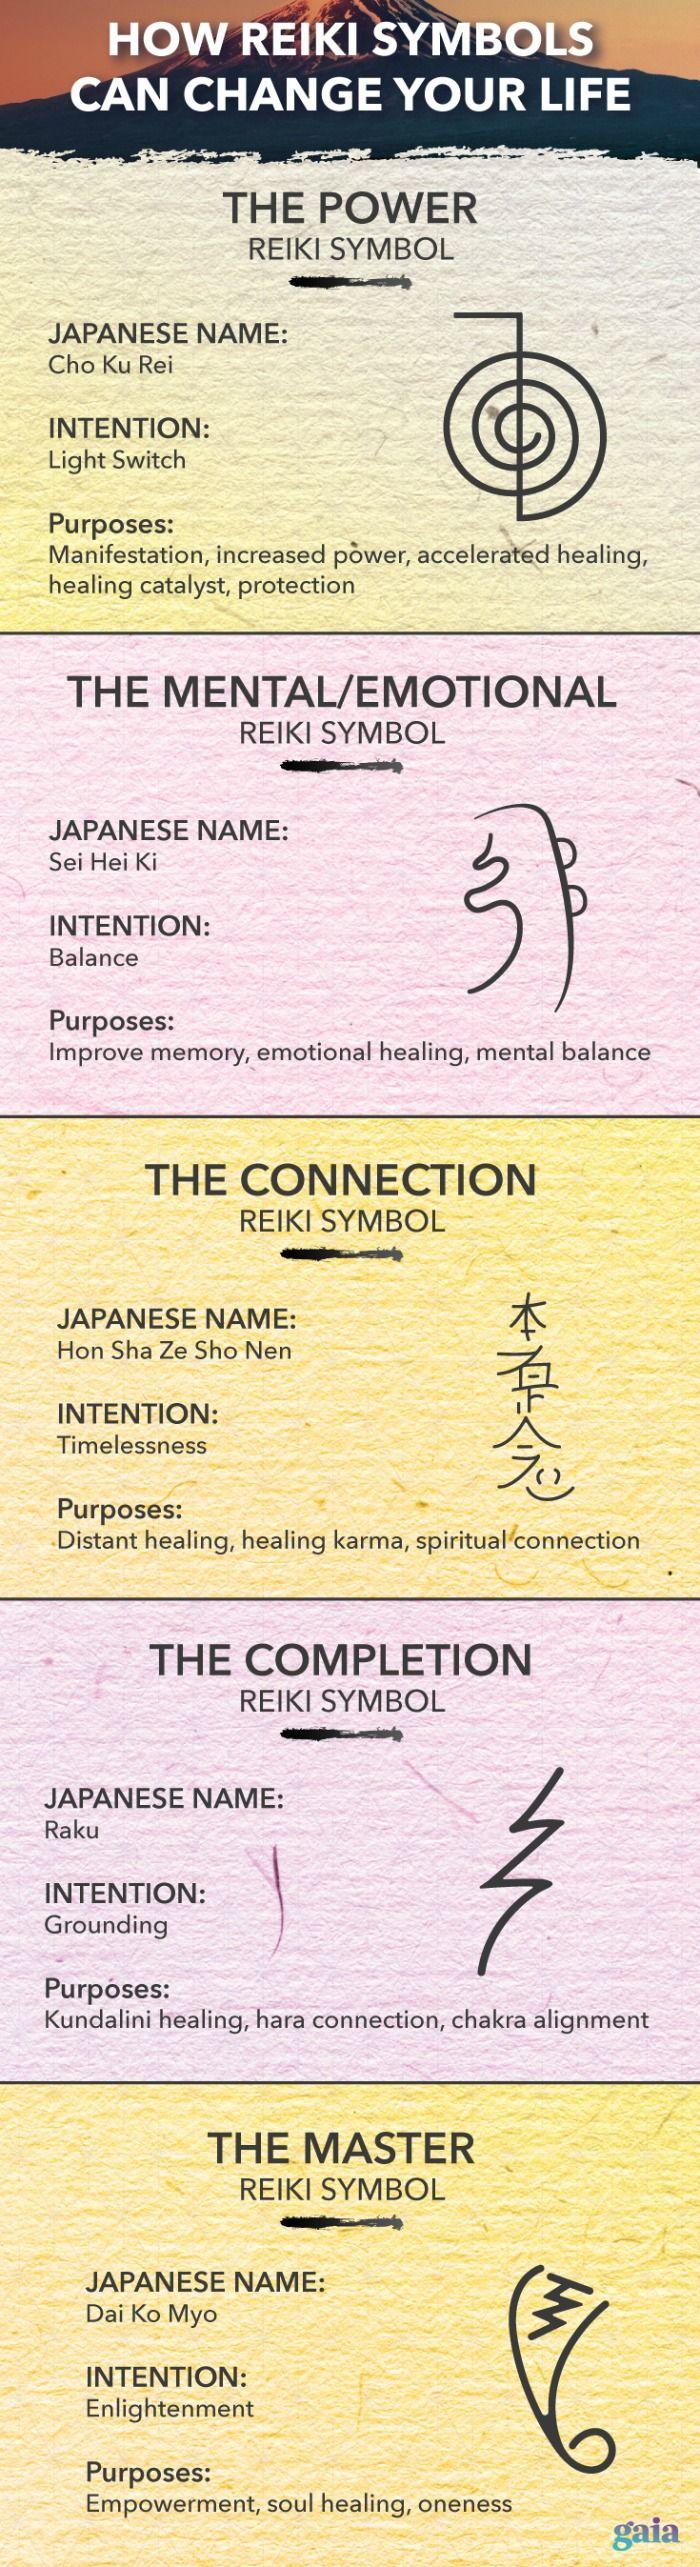 How reiki symbols can change your life reiki symbols symbols and how reiki symbols can change your life the five reiki symbols you should know if buycottarizona Choice Image